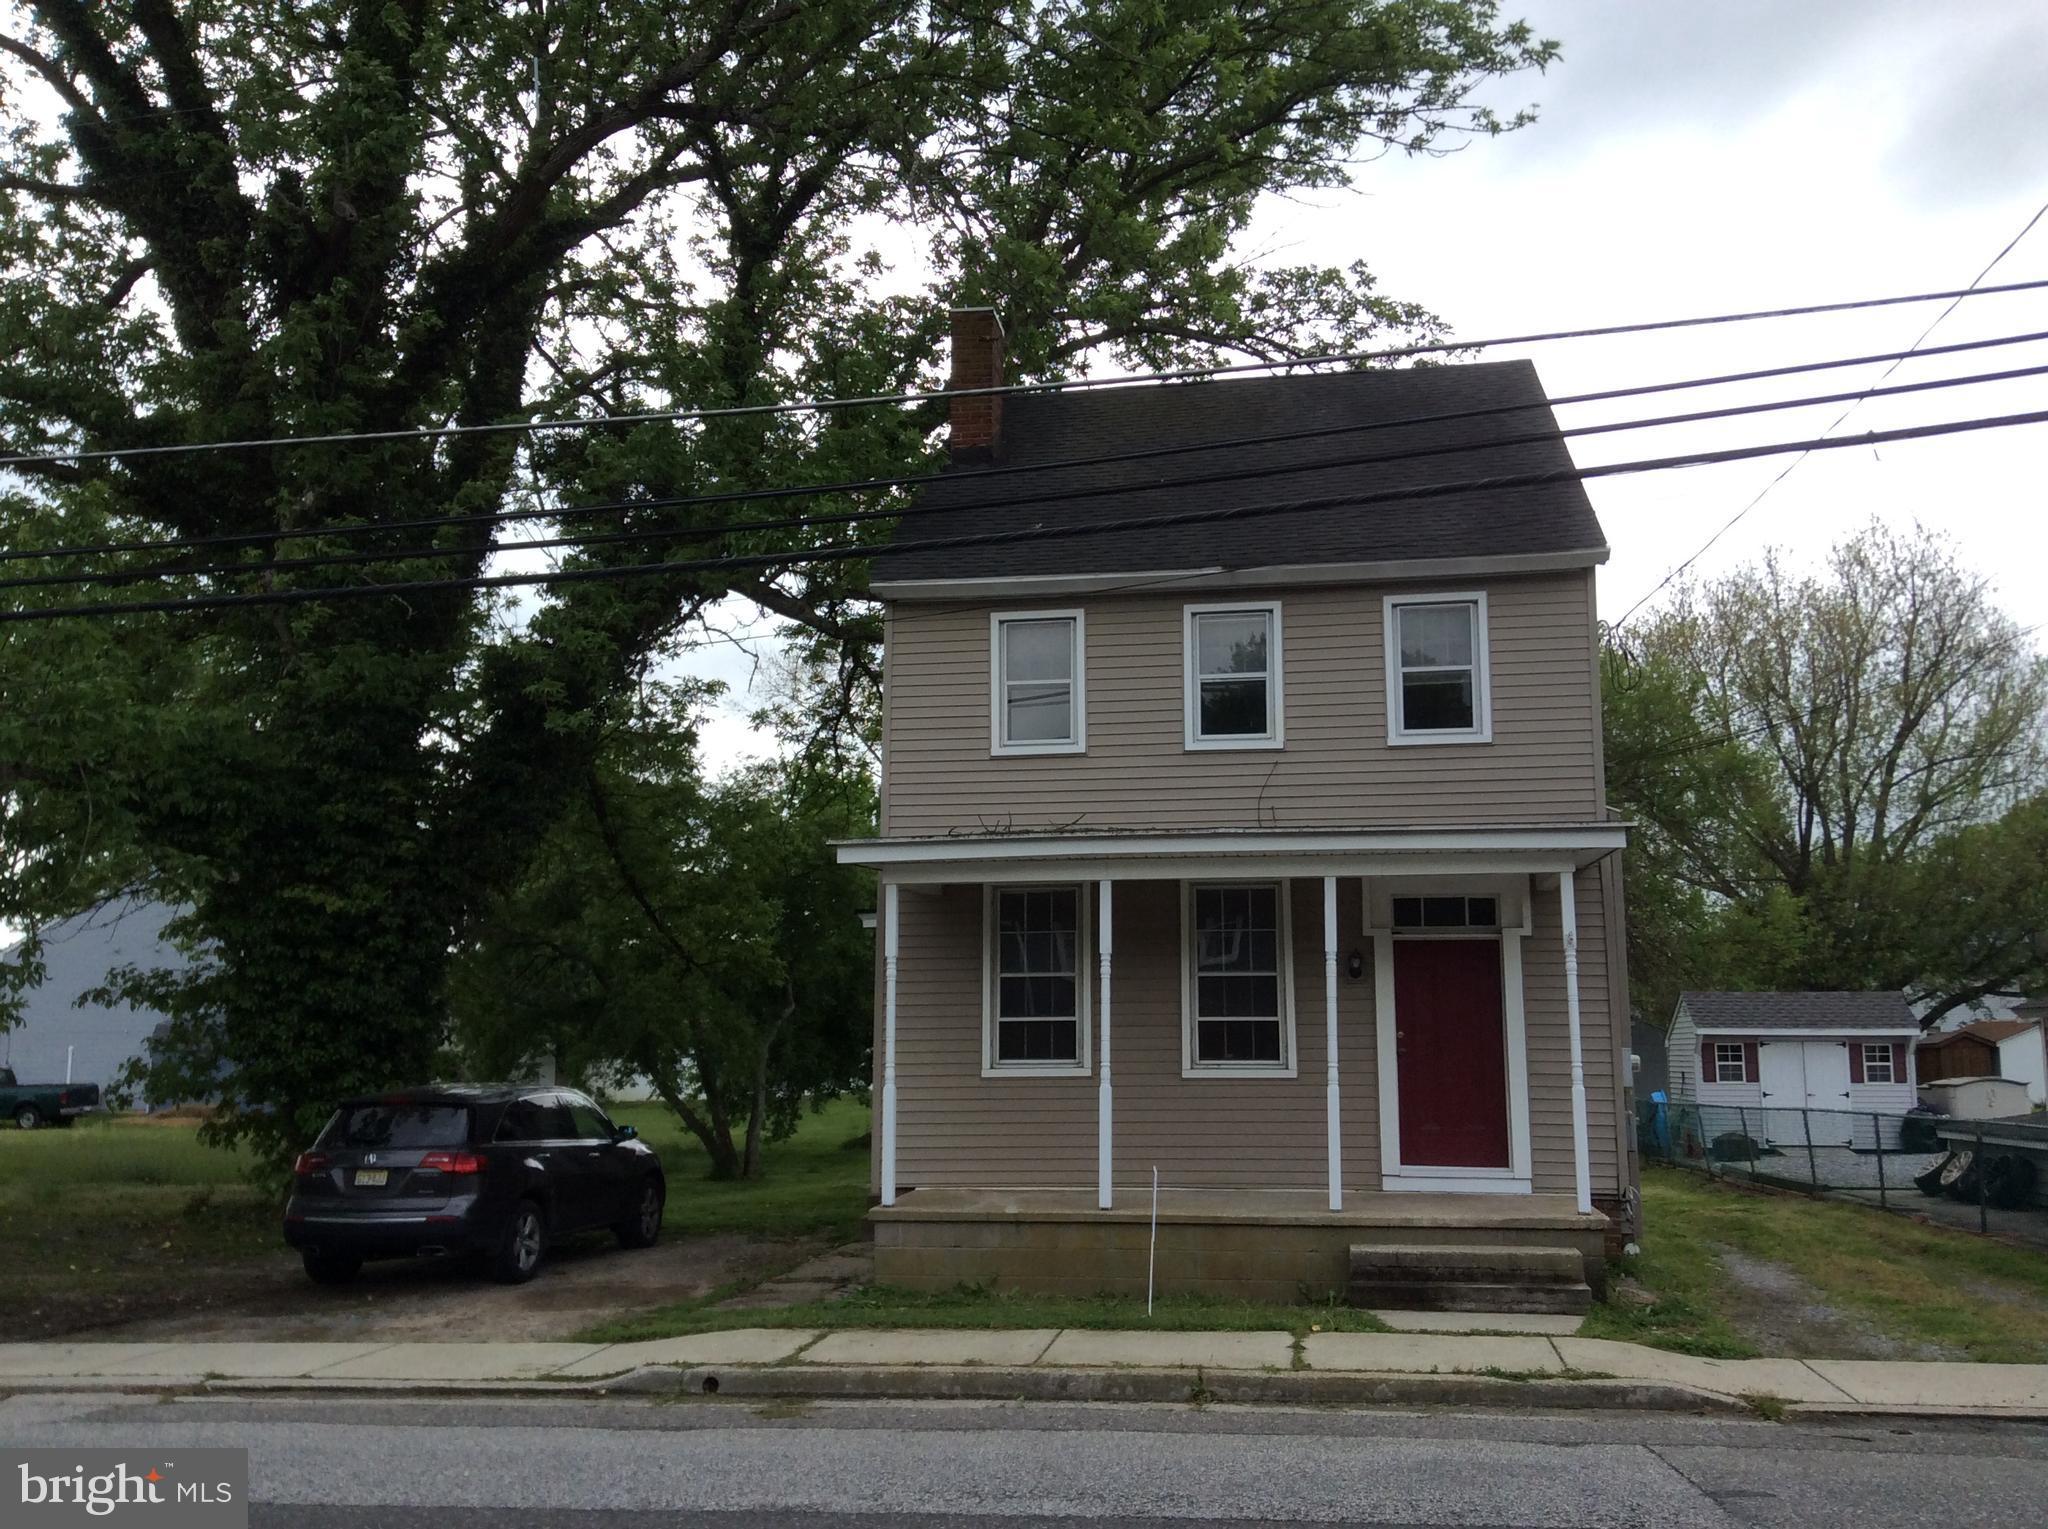 25 GREENWICH, ALLOWAY, NJ 08001